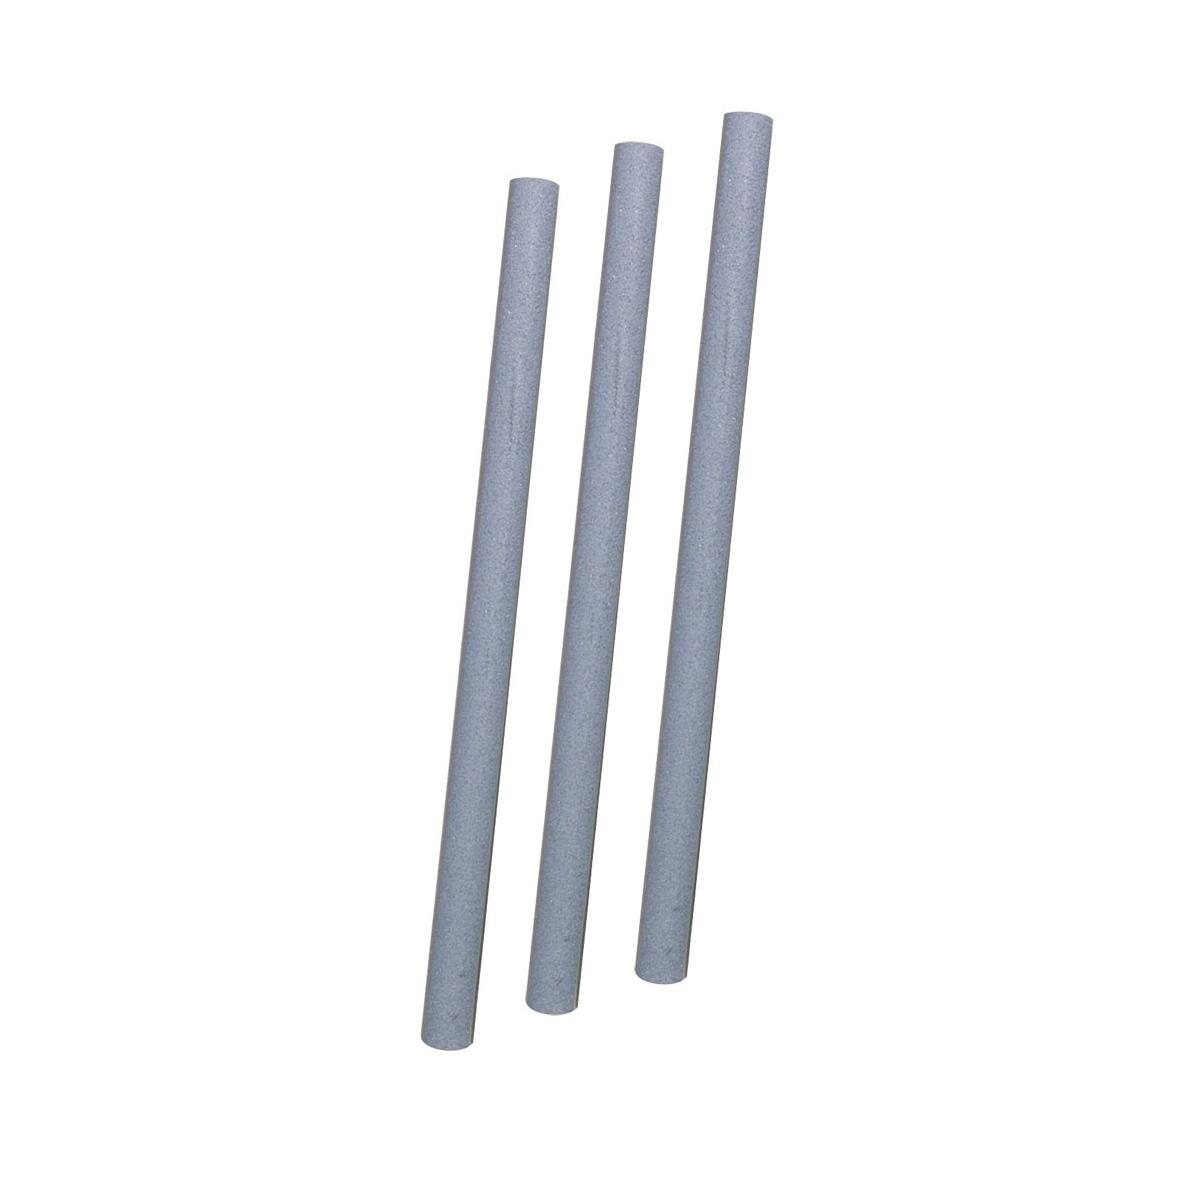 Force klipy reflexní na špice 7 cm stříbrné 36 ks Force klipy na špice 7 cm 36 ks